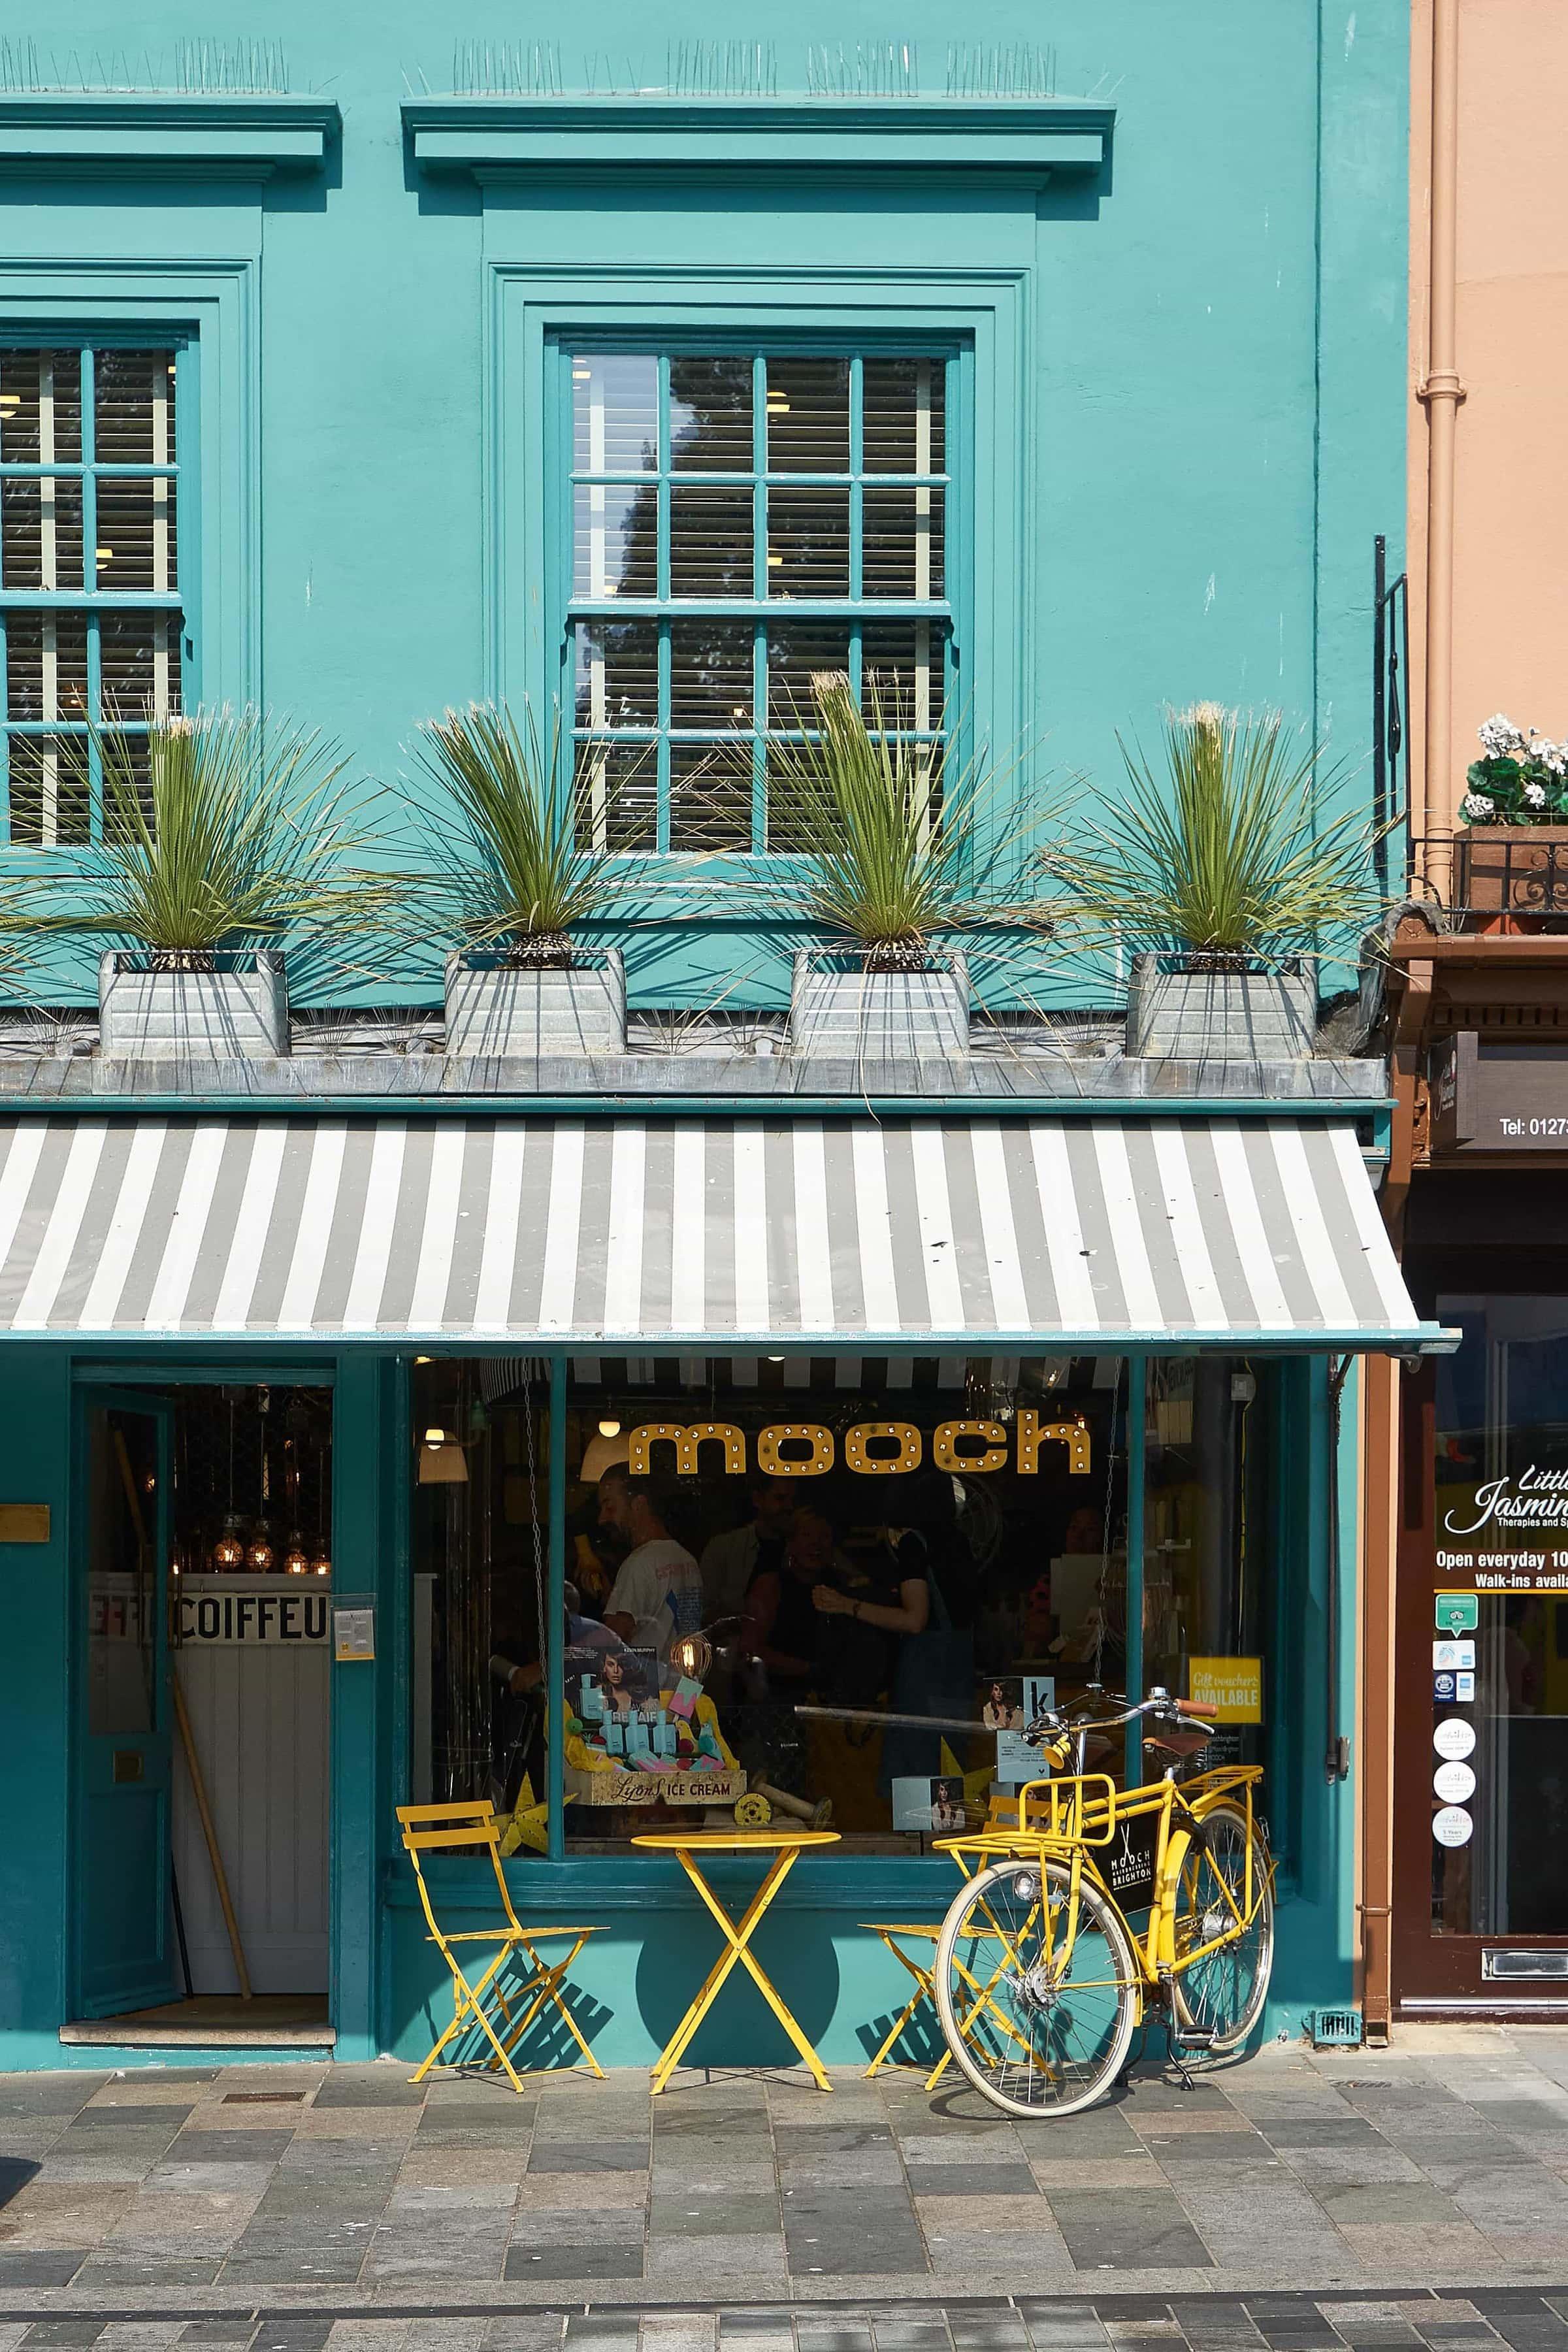 Originell gestaltete Geschäfte in den North Laines in Brigthon